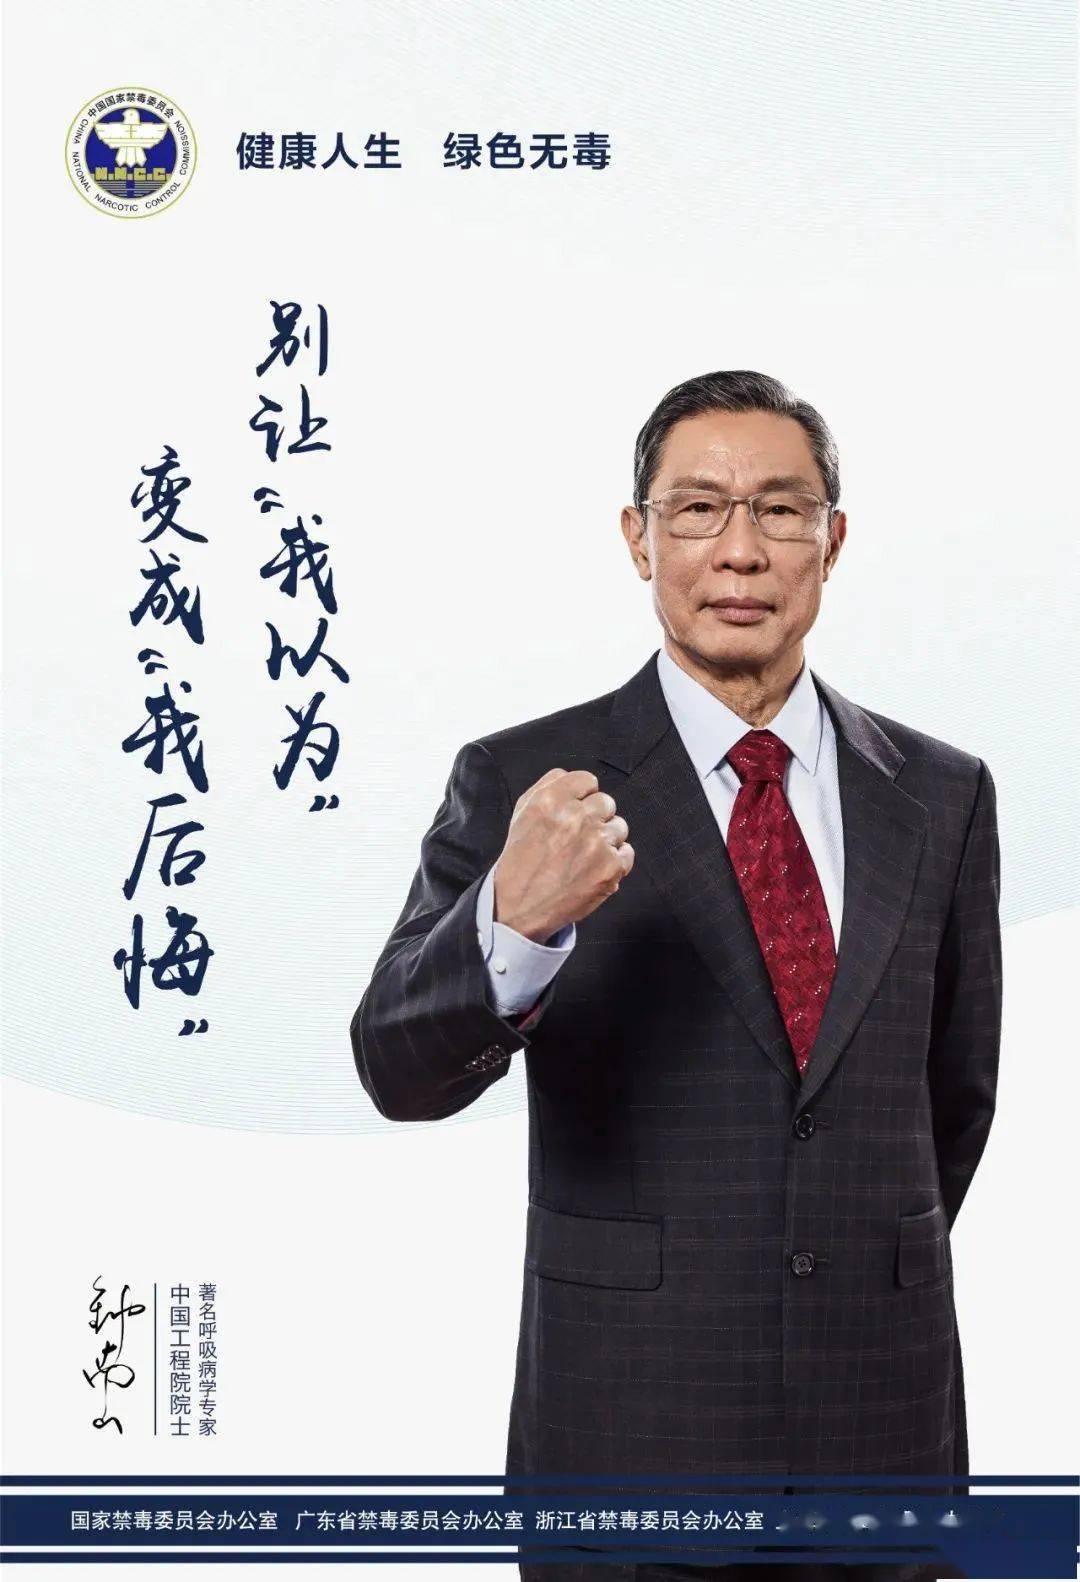 钟南山、李兰娟、张文宏助力禁毒图片